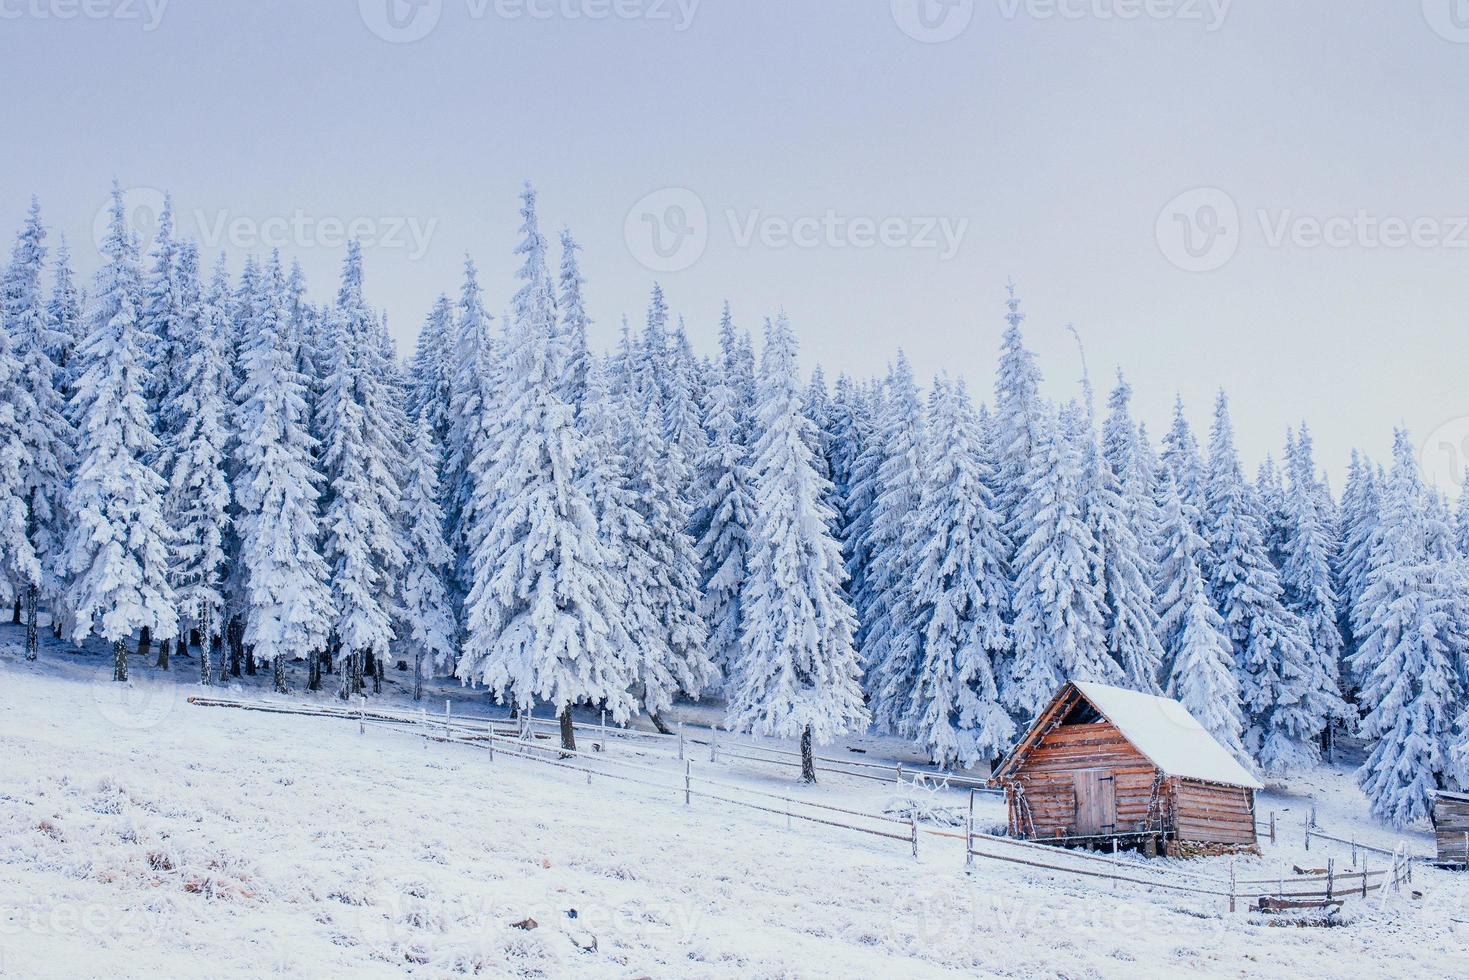 vinterlandskap av snötäckta träd i vinter rimfrost och c foto